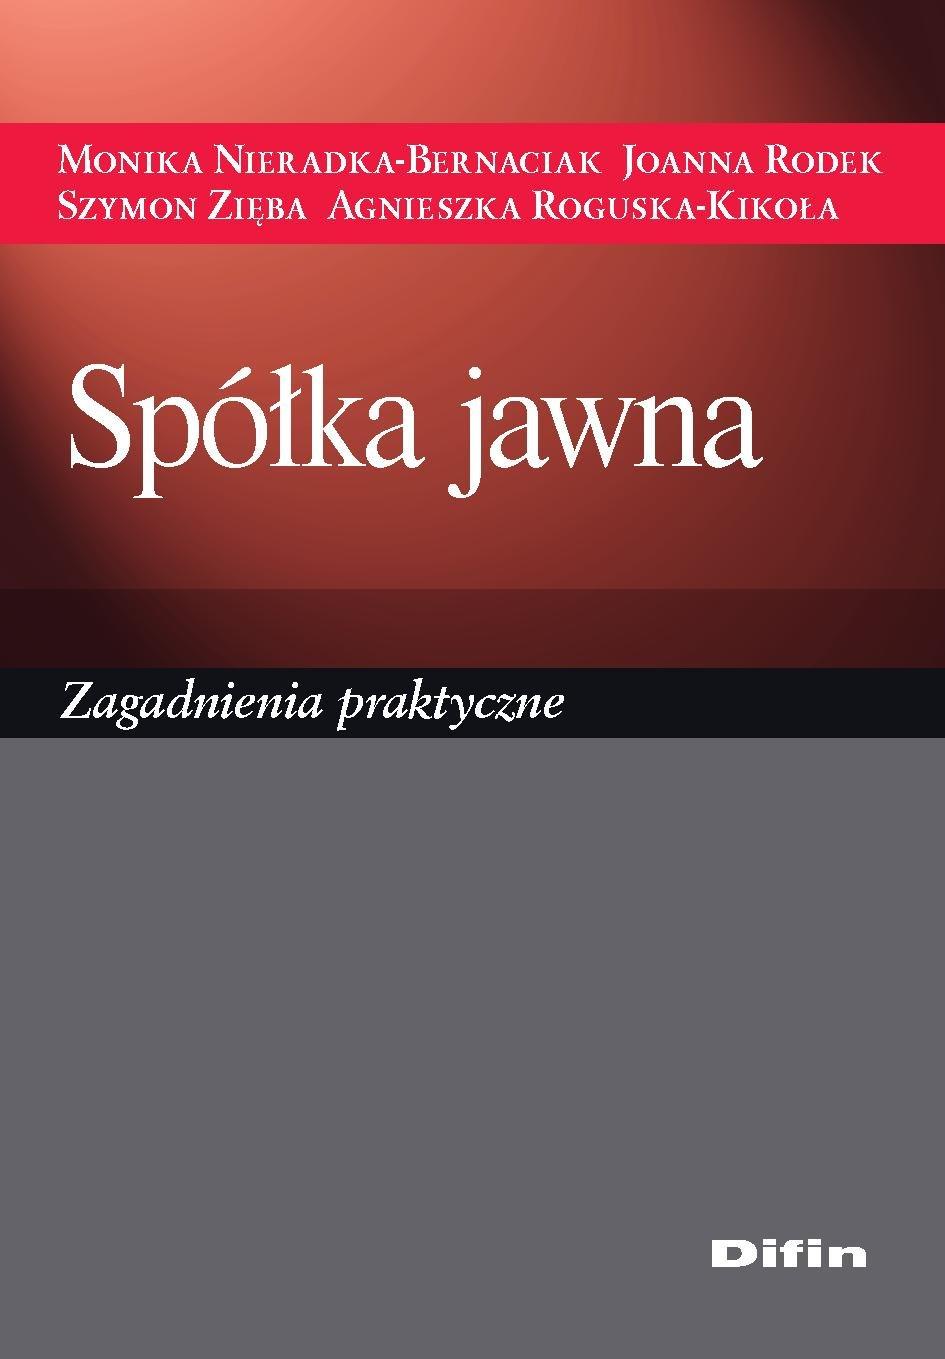 Spółka jawna. Zagadnienia praktyczne - Ebook (Książka PDF) do pobrania w formacie PDF